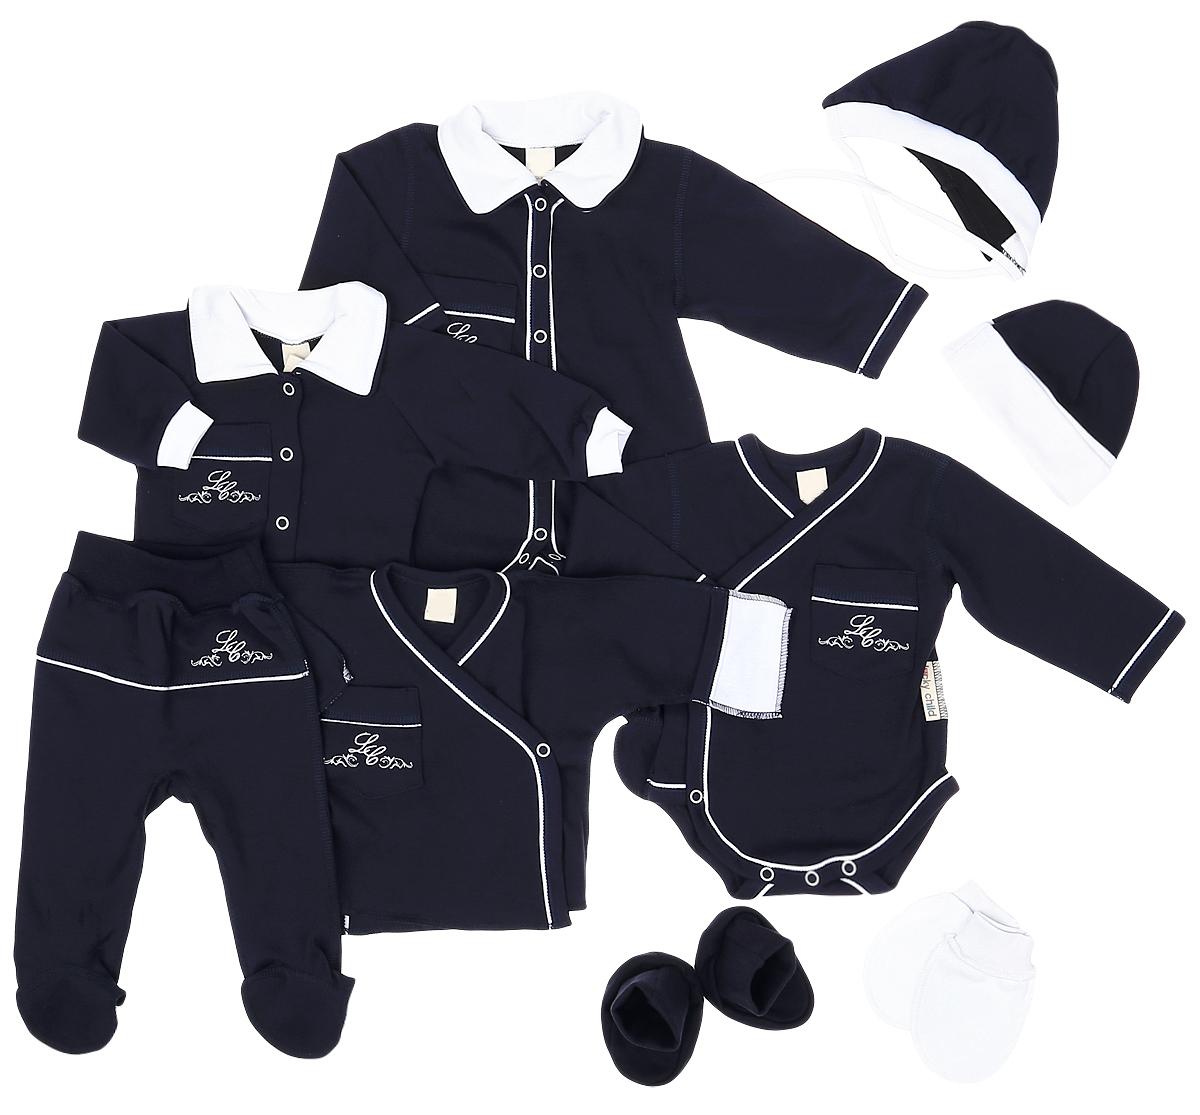 Подарочный комплект для новорожденного Lucky Child Классик, 9 предметов, цвет: темно-синий. 20-1000. Размер 62/6820-1000Комплект для новорожденного Lucky Child Классик - это замечательный подарок, который прекрасно подойдет для первых дней жизни младенца. Комплект состоит из комбинезона, боди-кимоно, распашонки-кимоно, кофточки, ползунков, шапочки, чепчика, рукавичек и пинеток. Изготовленный из натурального хлопка, он необычайно мягкий и приятный на ощупь, не сковывает движения ребенка и позволяет коже дышать, не раздражает даже самую нежную и чувствительную кожу ребенка, обеспечивая ему наибольший комфорт.Комбинезон с длинными рукавами, отложным воротником контрастного цвета и закрытыми ножками имеет застежки-кнопки от горловины до пяточек, которые помогают легко переодеть младенца или сменить подгузник. На груди изделие дополнено накладным кармашком, украшенным вышивкой. Швы выполнены наружу.Удобное боди-кимоно с длинными рукавами и V-образным вырезом горловины имеет удобные застежки-кнопки по принципу кимоно, а также кнопки на ластовице, которые помогают легко переодеть младенца и сменить подгузник. На груди изделие дополнено накладным кармашком, украшенным вышивкой. Швы выполнены наружу. Распашонка-кимоно с V-образным вырезом горловины и длинными рукавами-кимоно имеет застежки-кнопки по принципу кимоно, благодаря которым, модель можно полностью расстегнуть. А благодаря рукавичкам ребенок не поцарапает себя. Ручки могут быть как открытыми, так и закрытыми. На груди изделие дополнено накладным кармашком, украшенным вышивкой. Швы выполнены наружу.Кофточка с длинными рукавами-реглан и отложным воротником контрастного цвета спереди застегивается на металлические кнопки, что помогает с легкостью переодеть ребенка. Рукава имеют широкие эластичные манжеты. На груди изделие дополнено накладным кармашком, украшенным вышивкой. Ползунки, благодаря мягкому и широкому поясу, не сдавливают животик младенца и не сползают. Они идеально подходят для ношения с подгузником. Такие п